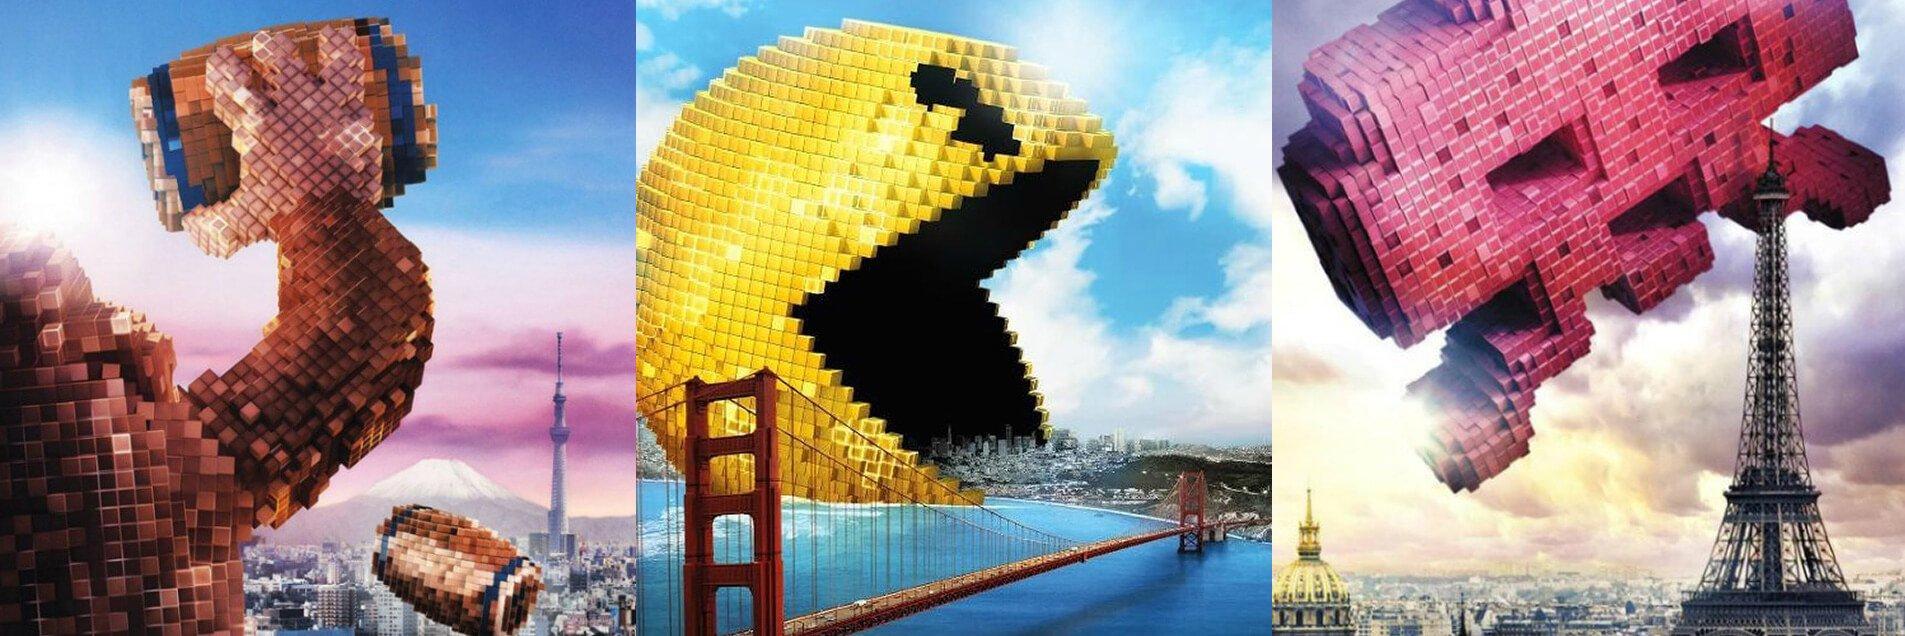 Первый официальный трейлер фильма «Пиксели»